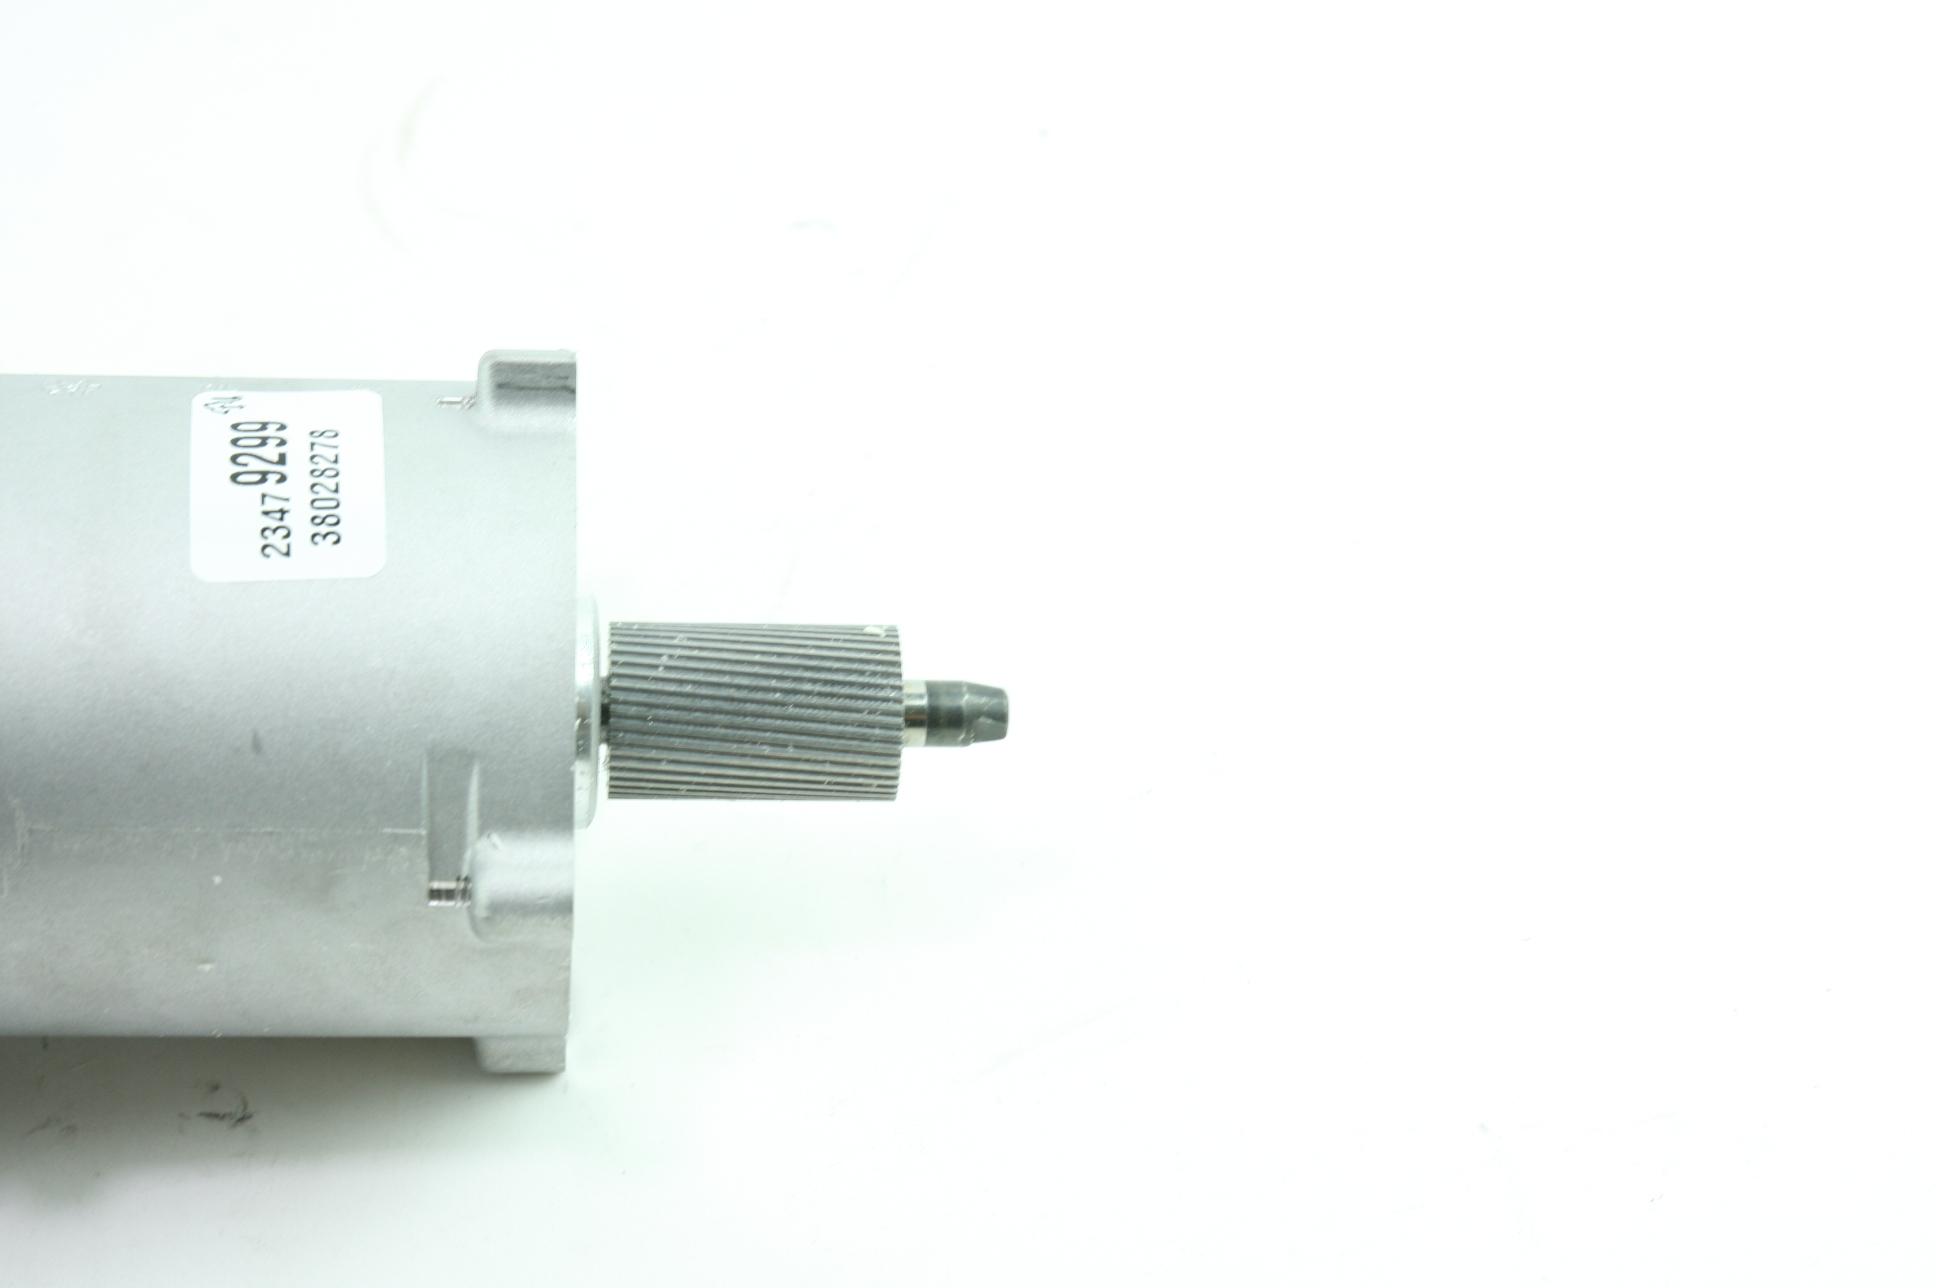 New OEM 23479299 Genuine GM Steering Gear Electric Power Steering Motor NIP - image 3